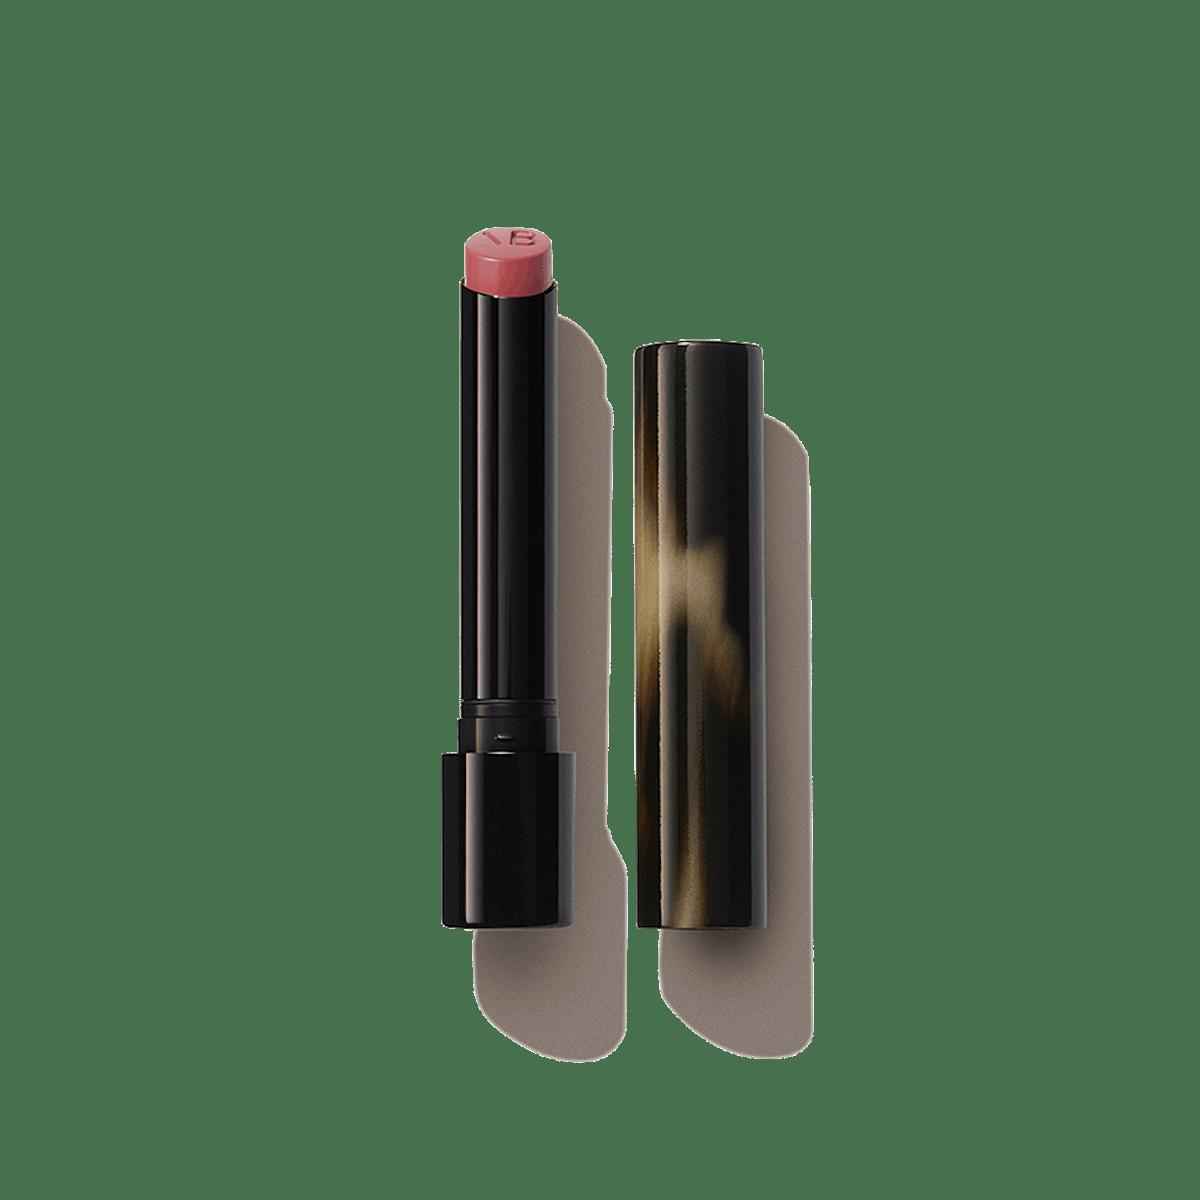 Posh Lipstick in Spark